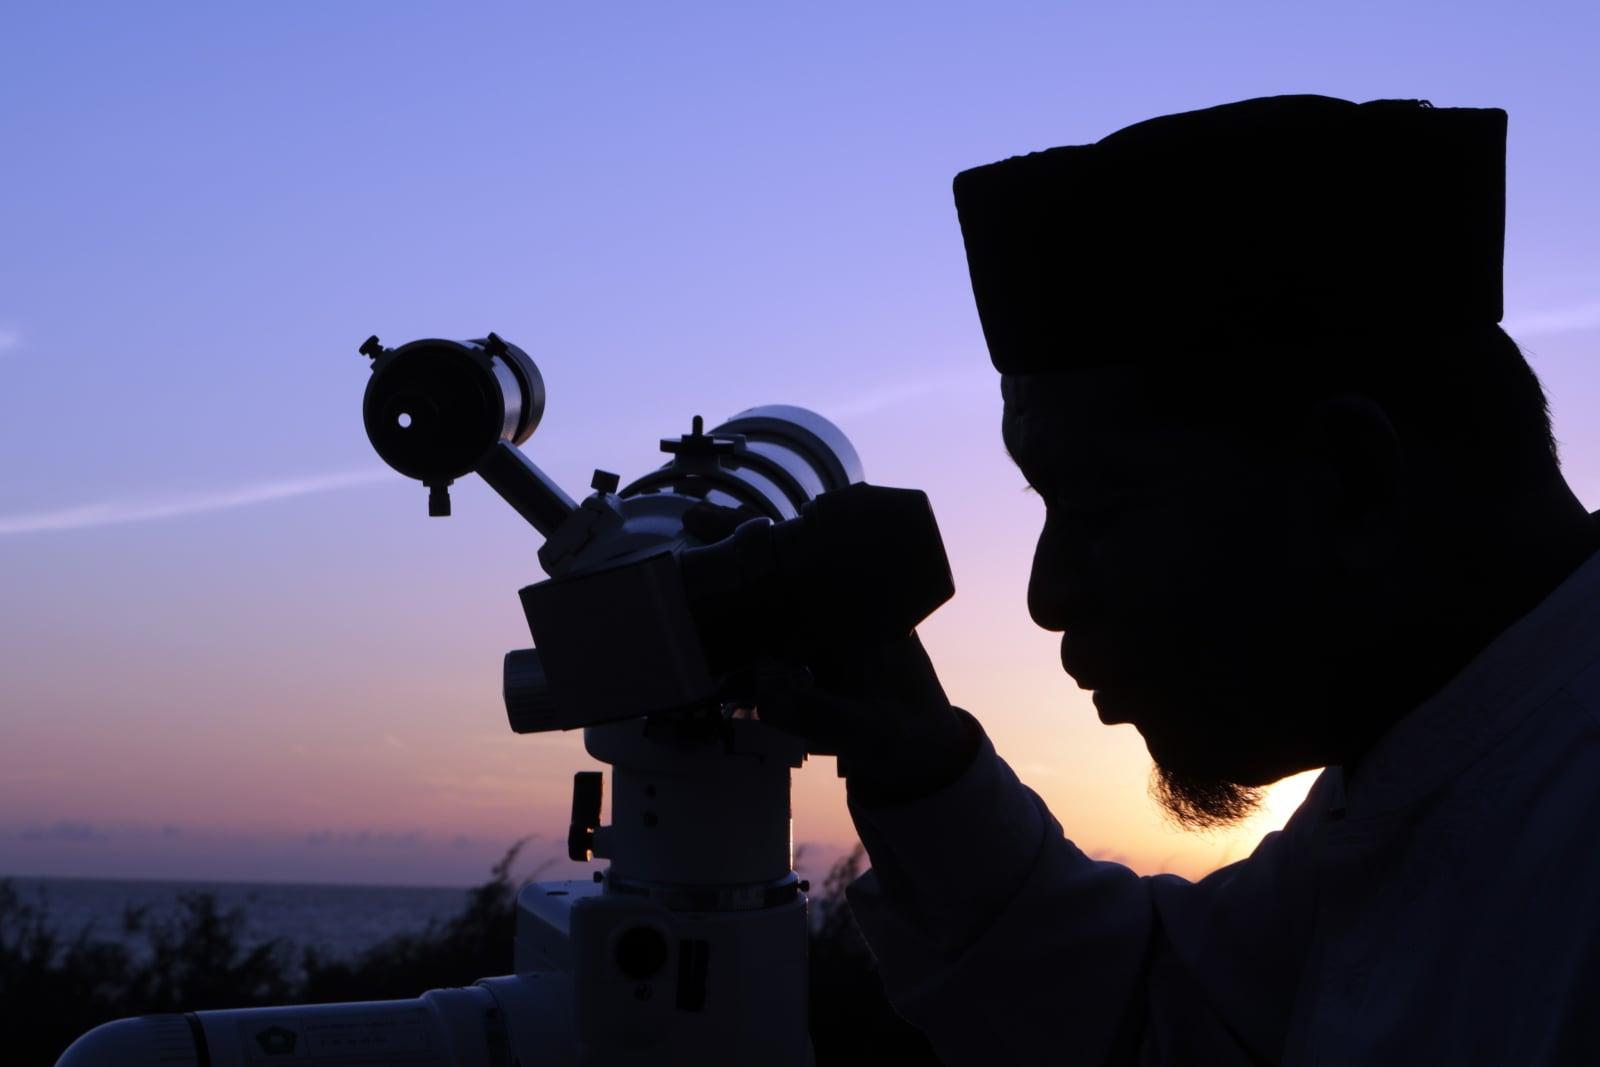 Muzułmanin obserwuje pozycję księżyca za pomocą teleskopu, aby określić koniec miesiąca Ramadanu, a także pierwszy dzień obchodów święta Eid al-Fitr w Lhok Nga, Aceh, Indonezja, fot. EPA/HOTLI SIMANJUNTAK/EPA-EFE